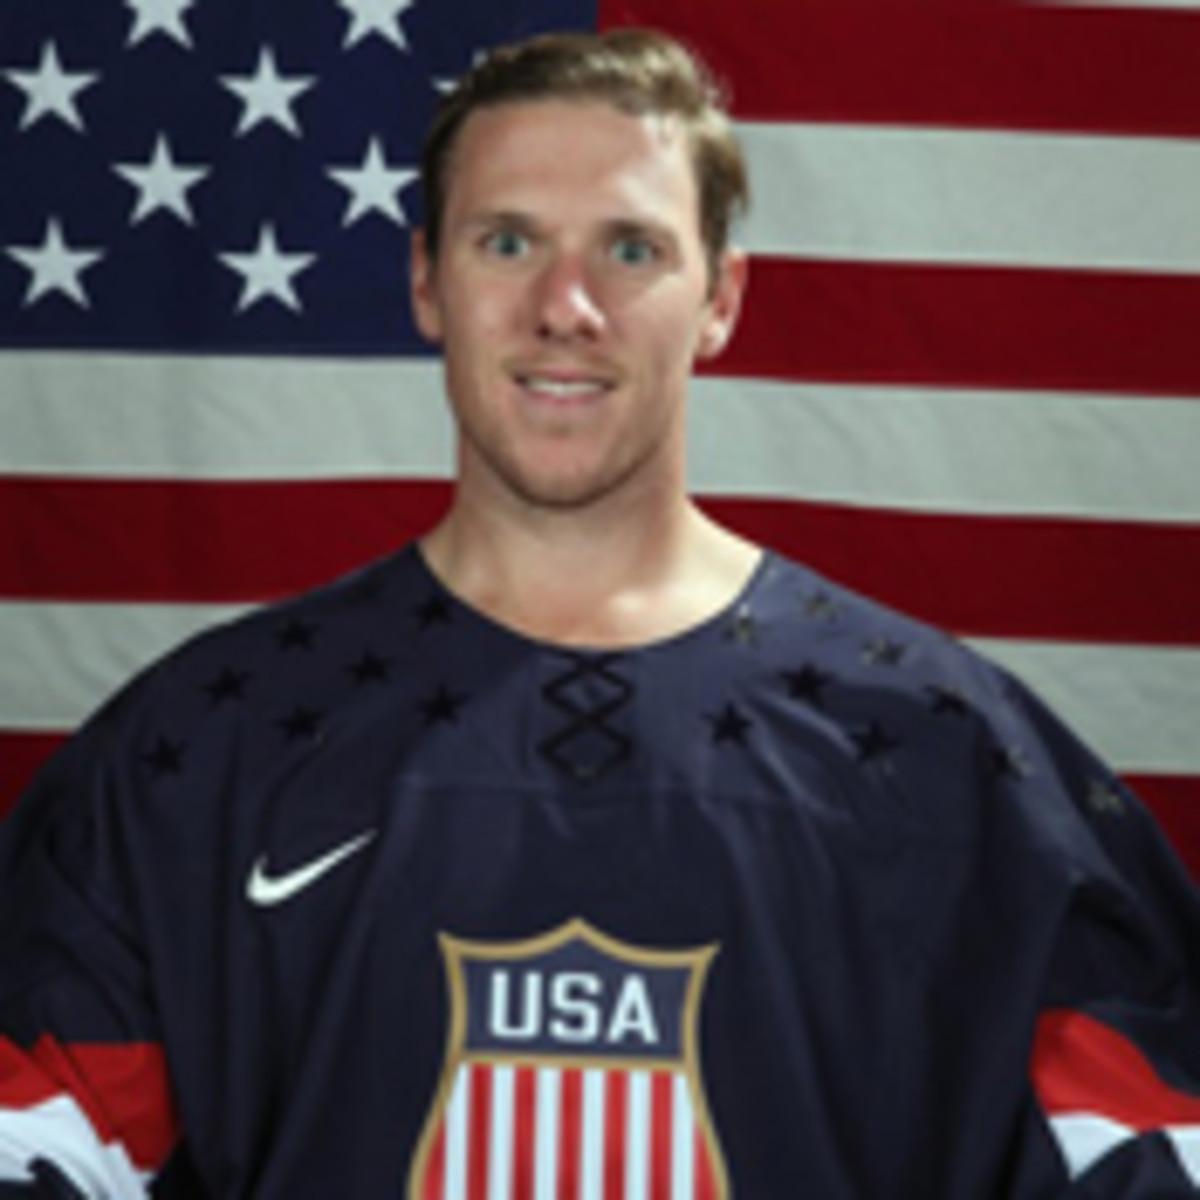 jimmy howard 2014 us men's hockey olympics